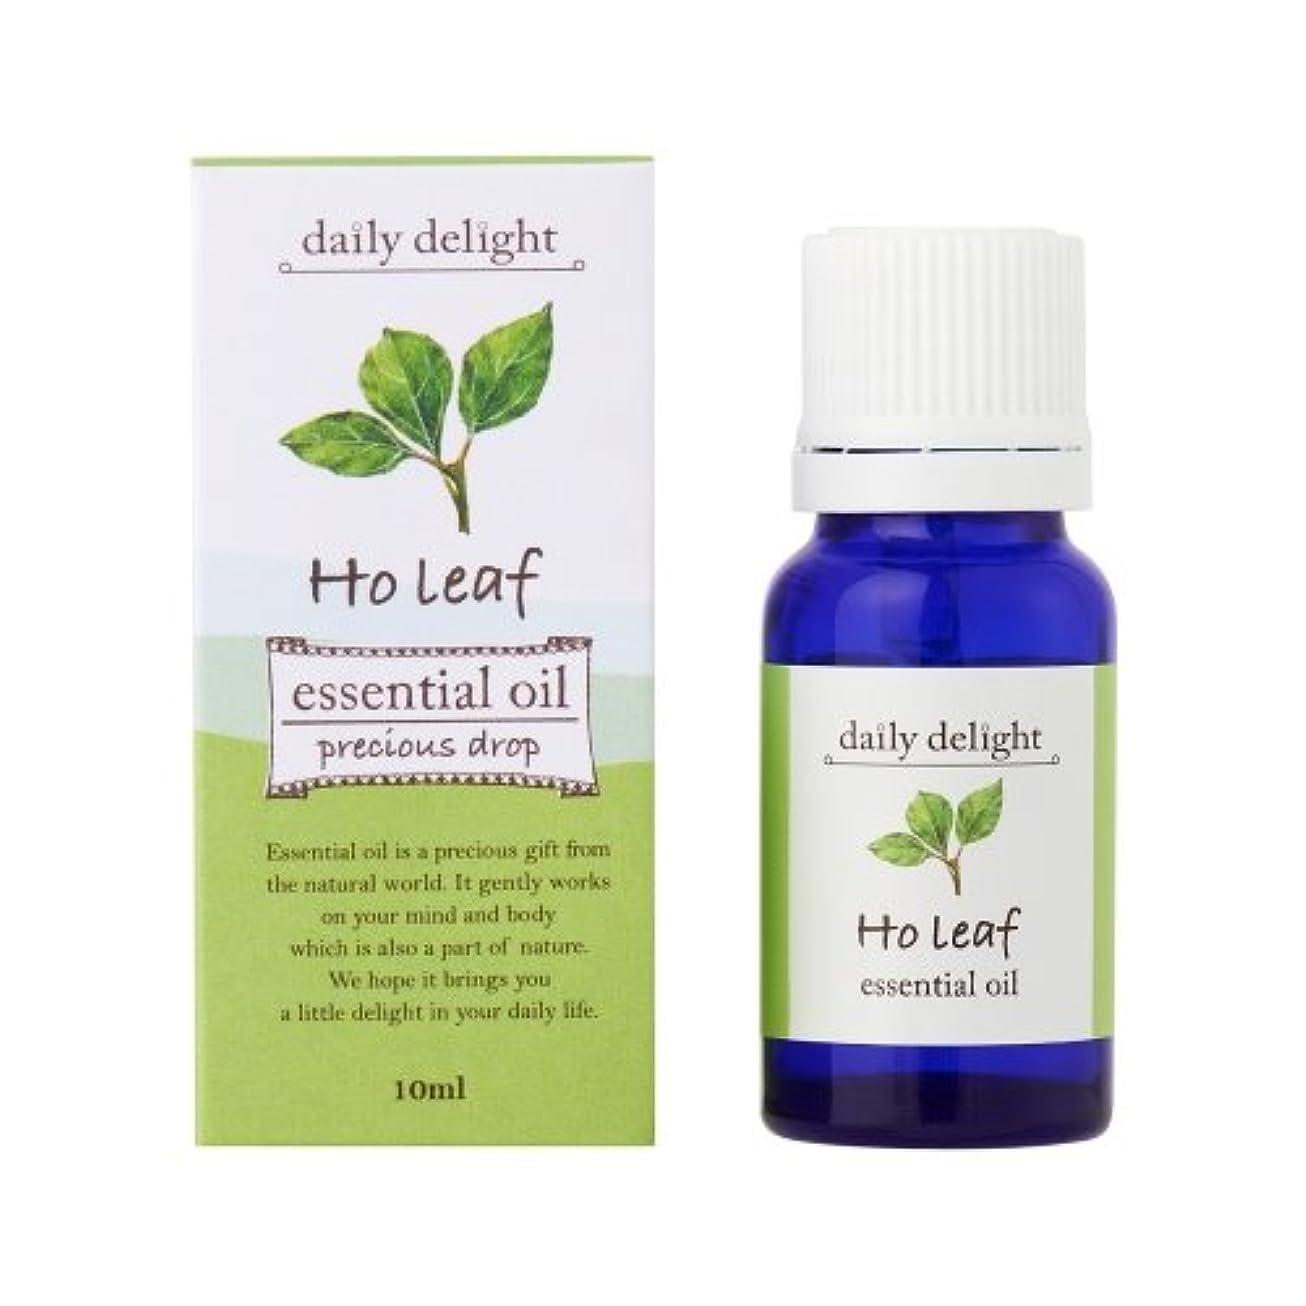 有用収容するリードデイリーディライト エッセンシャルオイル  ホーリーフ 10ml(天然100% 精油 アロマ さわやかなグリーン調にフローラルをあわせ持つやさしい香り)